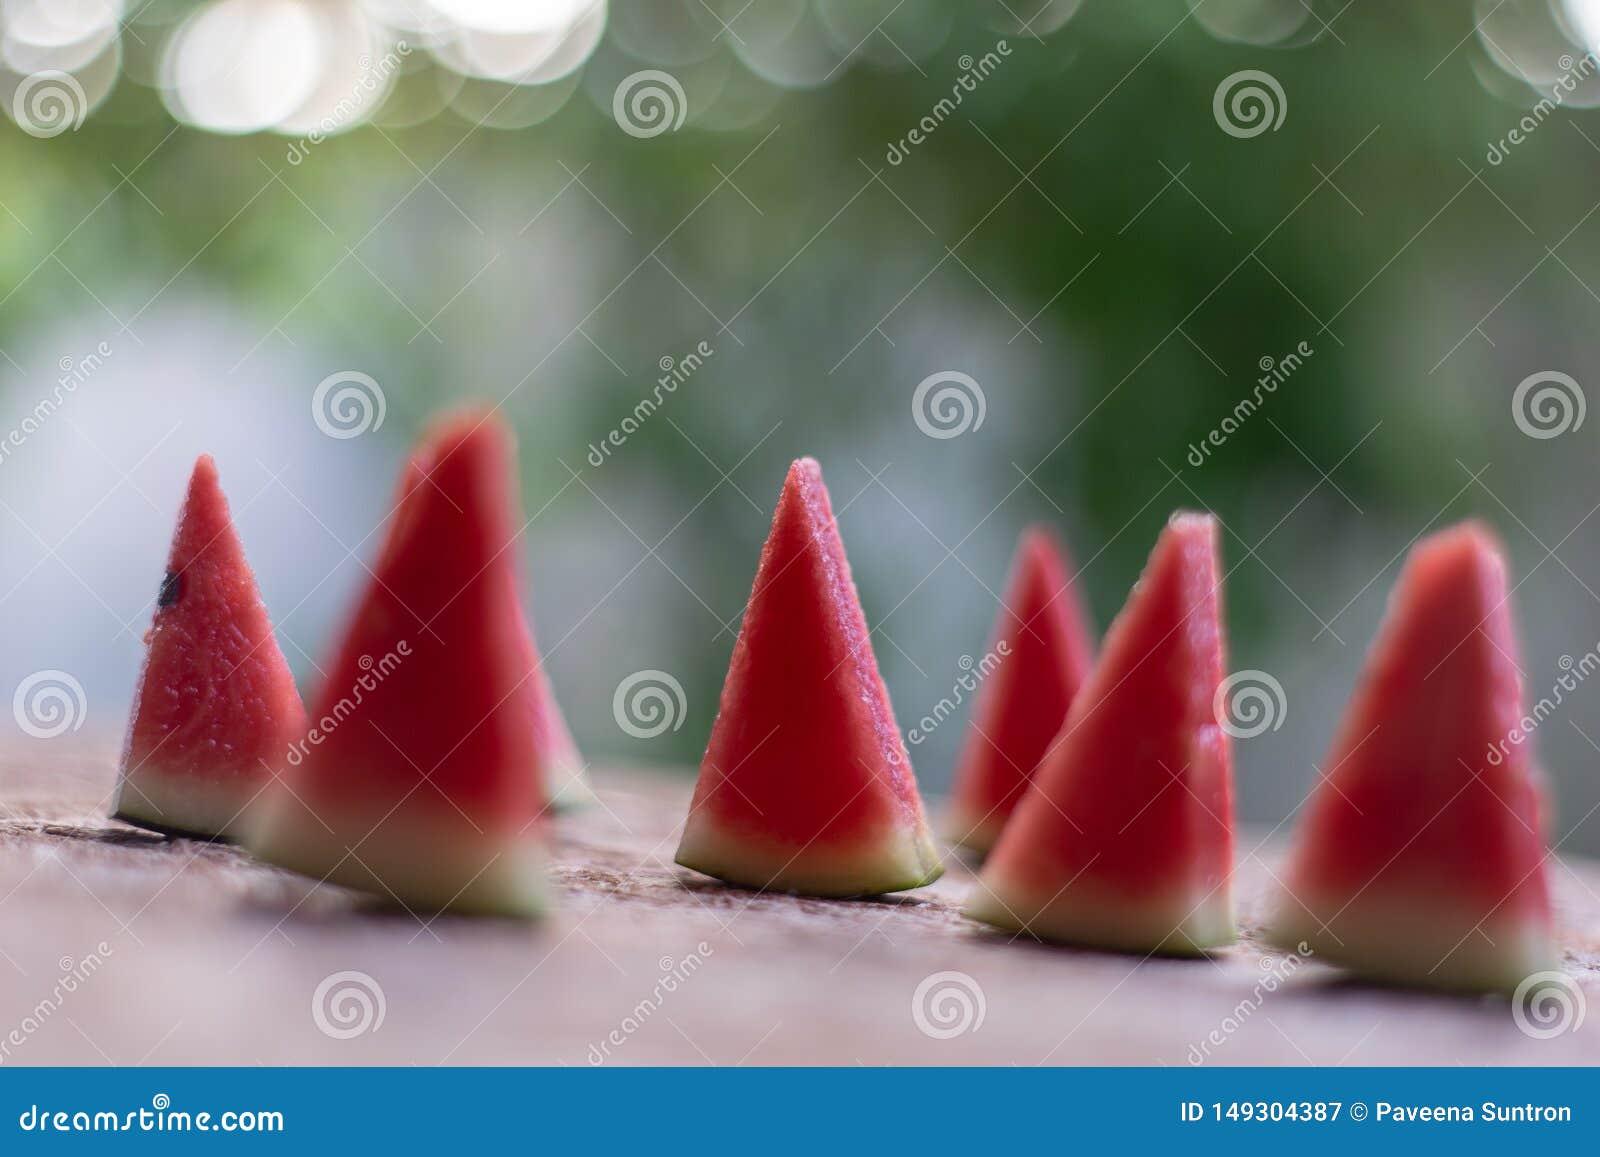 Melancia aparada em partes vermelhas pequenas